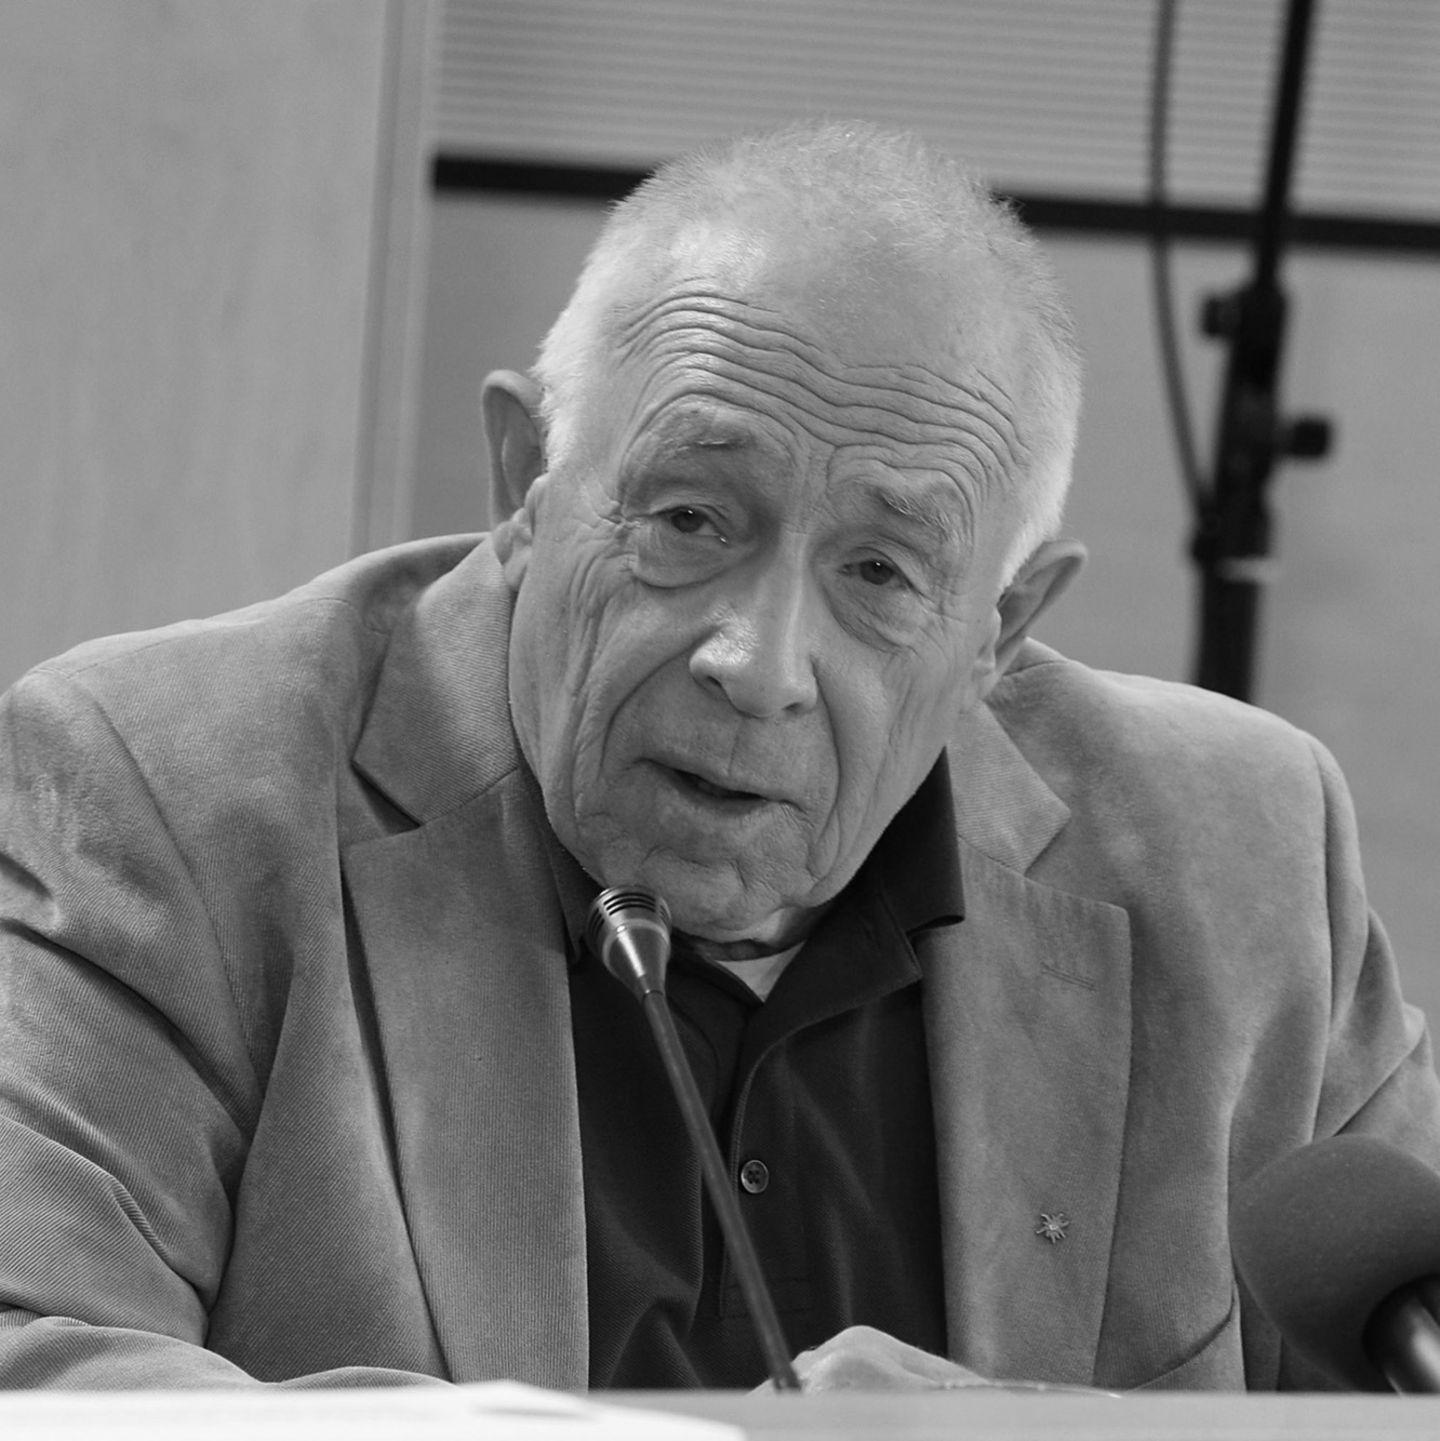 Am 12. September 2017 starb CDU-Politiker Heiner Geißler im Alter von 87 Jahren an Herzversagen. Er war von 1977 bis 1989 Generalsekretär der Partei und arbeitete an einem neuen, modernen Image der CDU. Er war es auch, der ein Erziehungsgeld einführte.